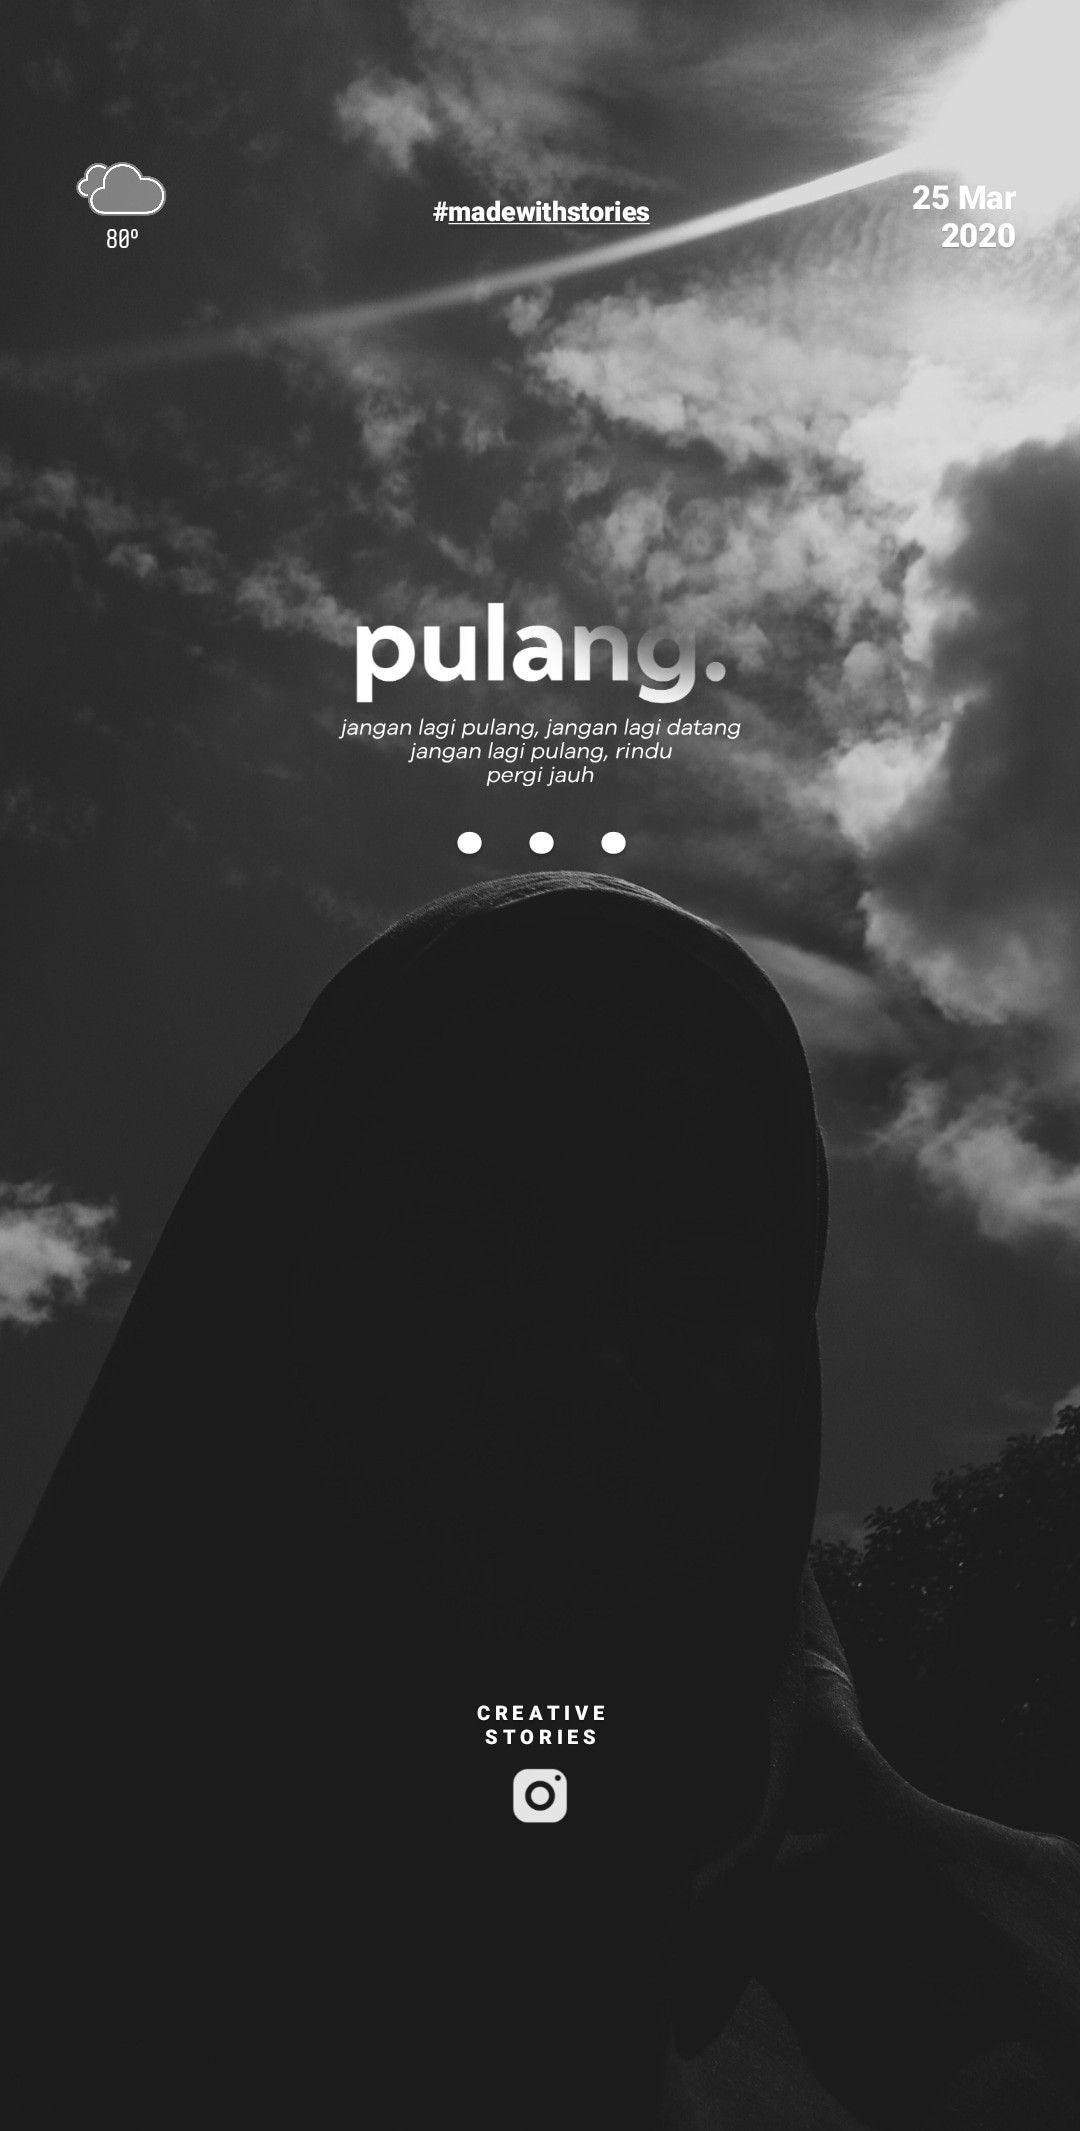 Typography Ig Story Pulang Madewithstories Inspirasi Tipografi Tipografi Kata Kata Indah